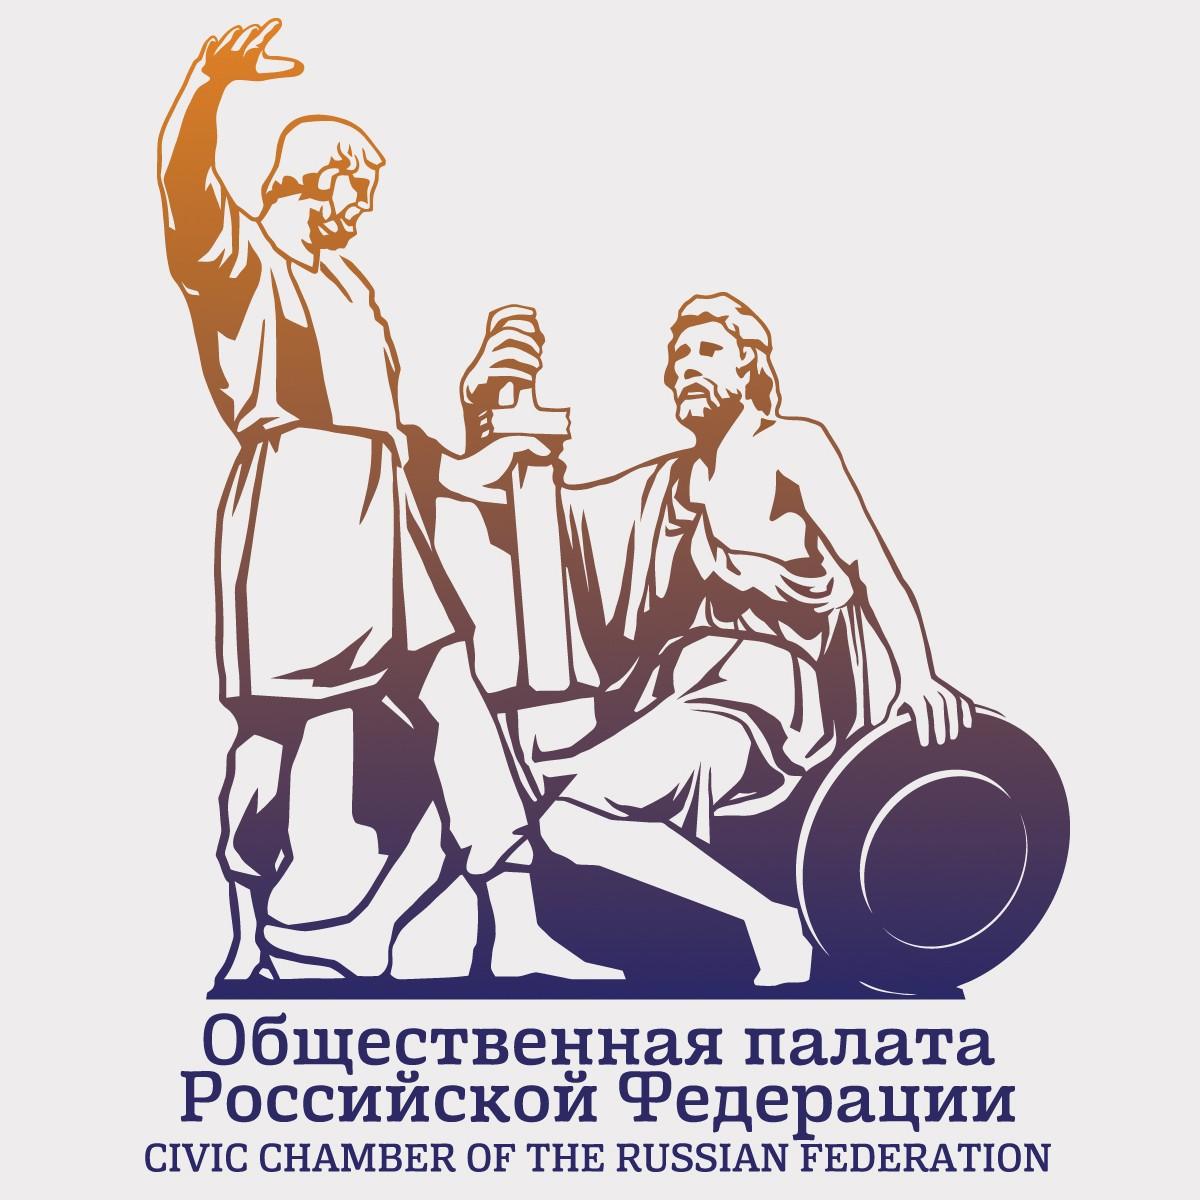 Общественная палата Российской Федерации — логотип